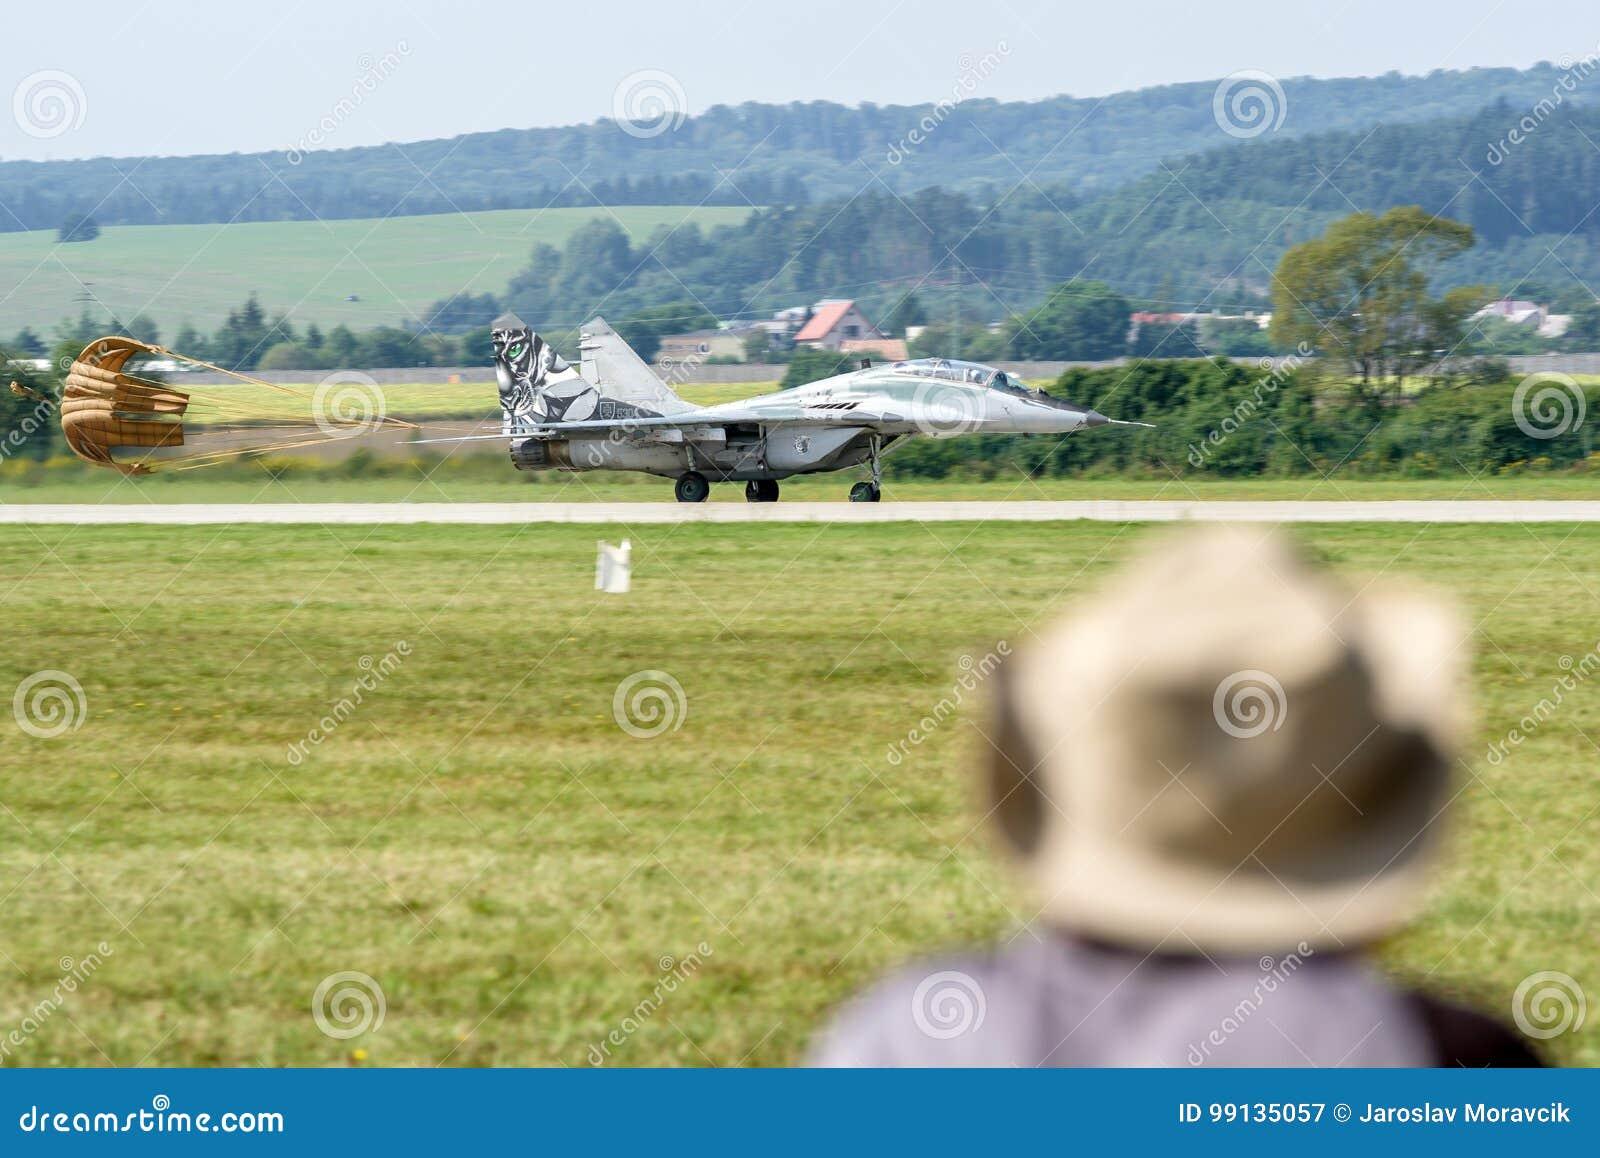 Æreo a reazione del fulcro Mig-29